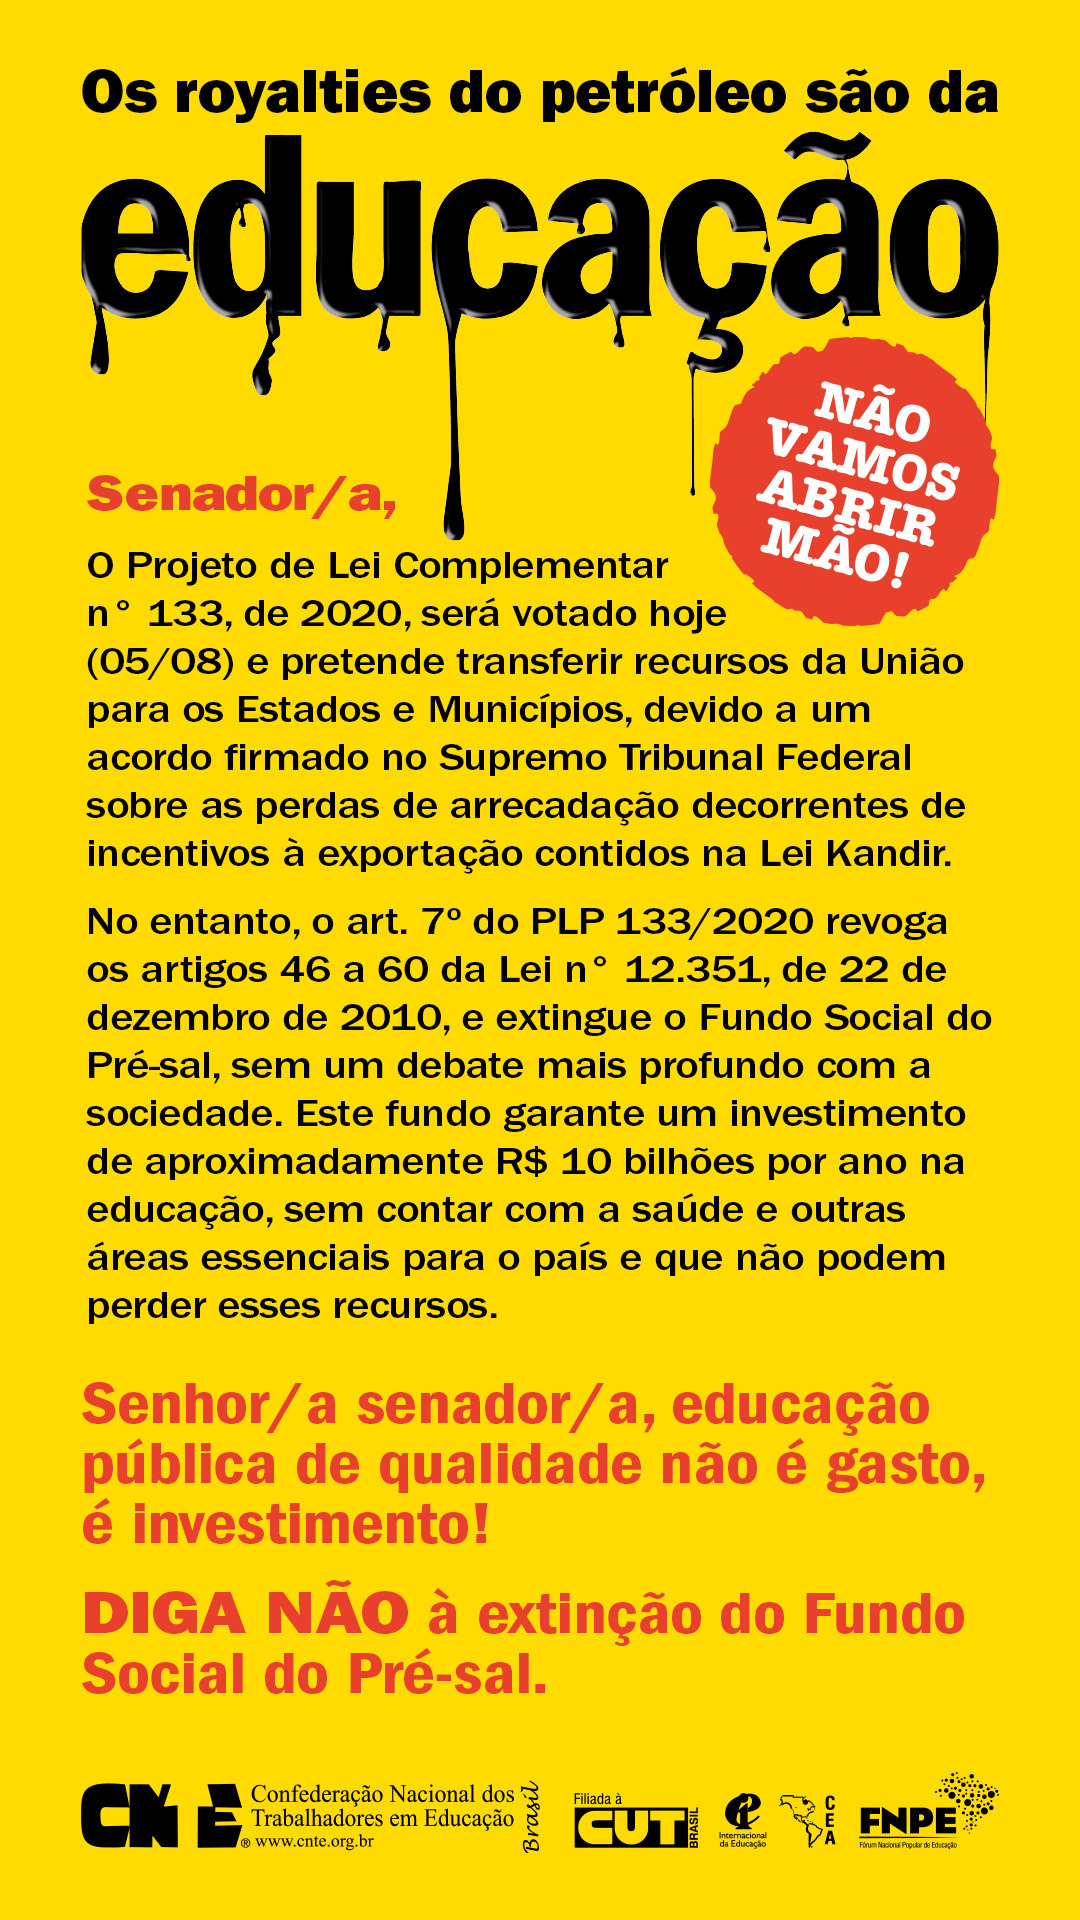 campanha petroleo educacao 2020 senadores